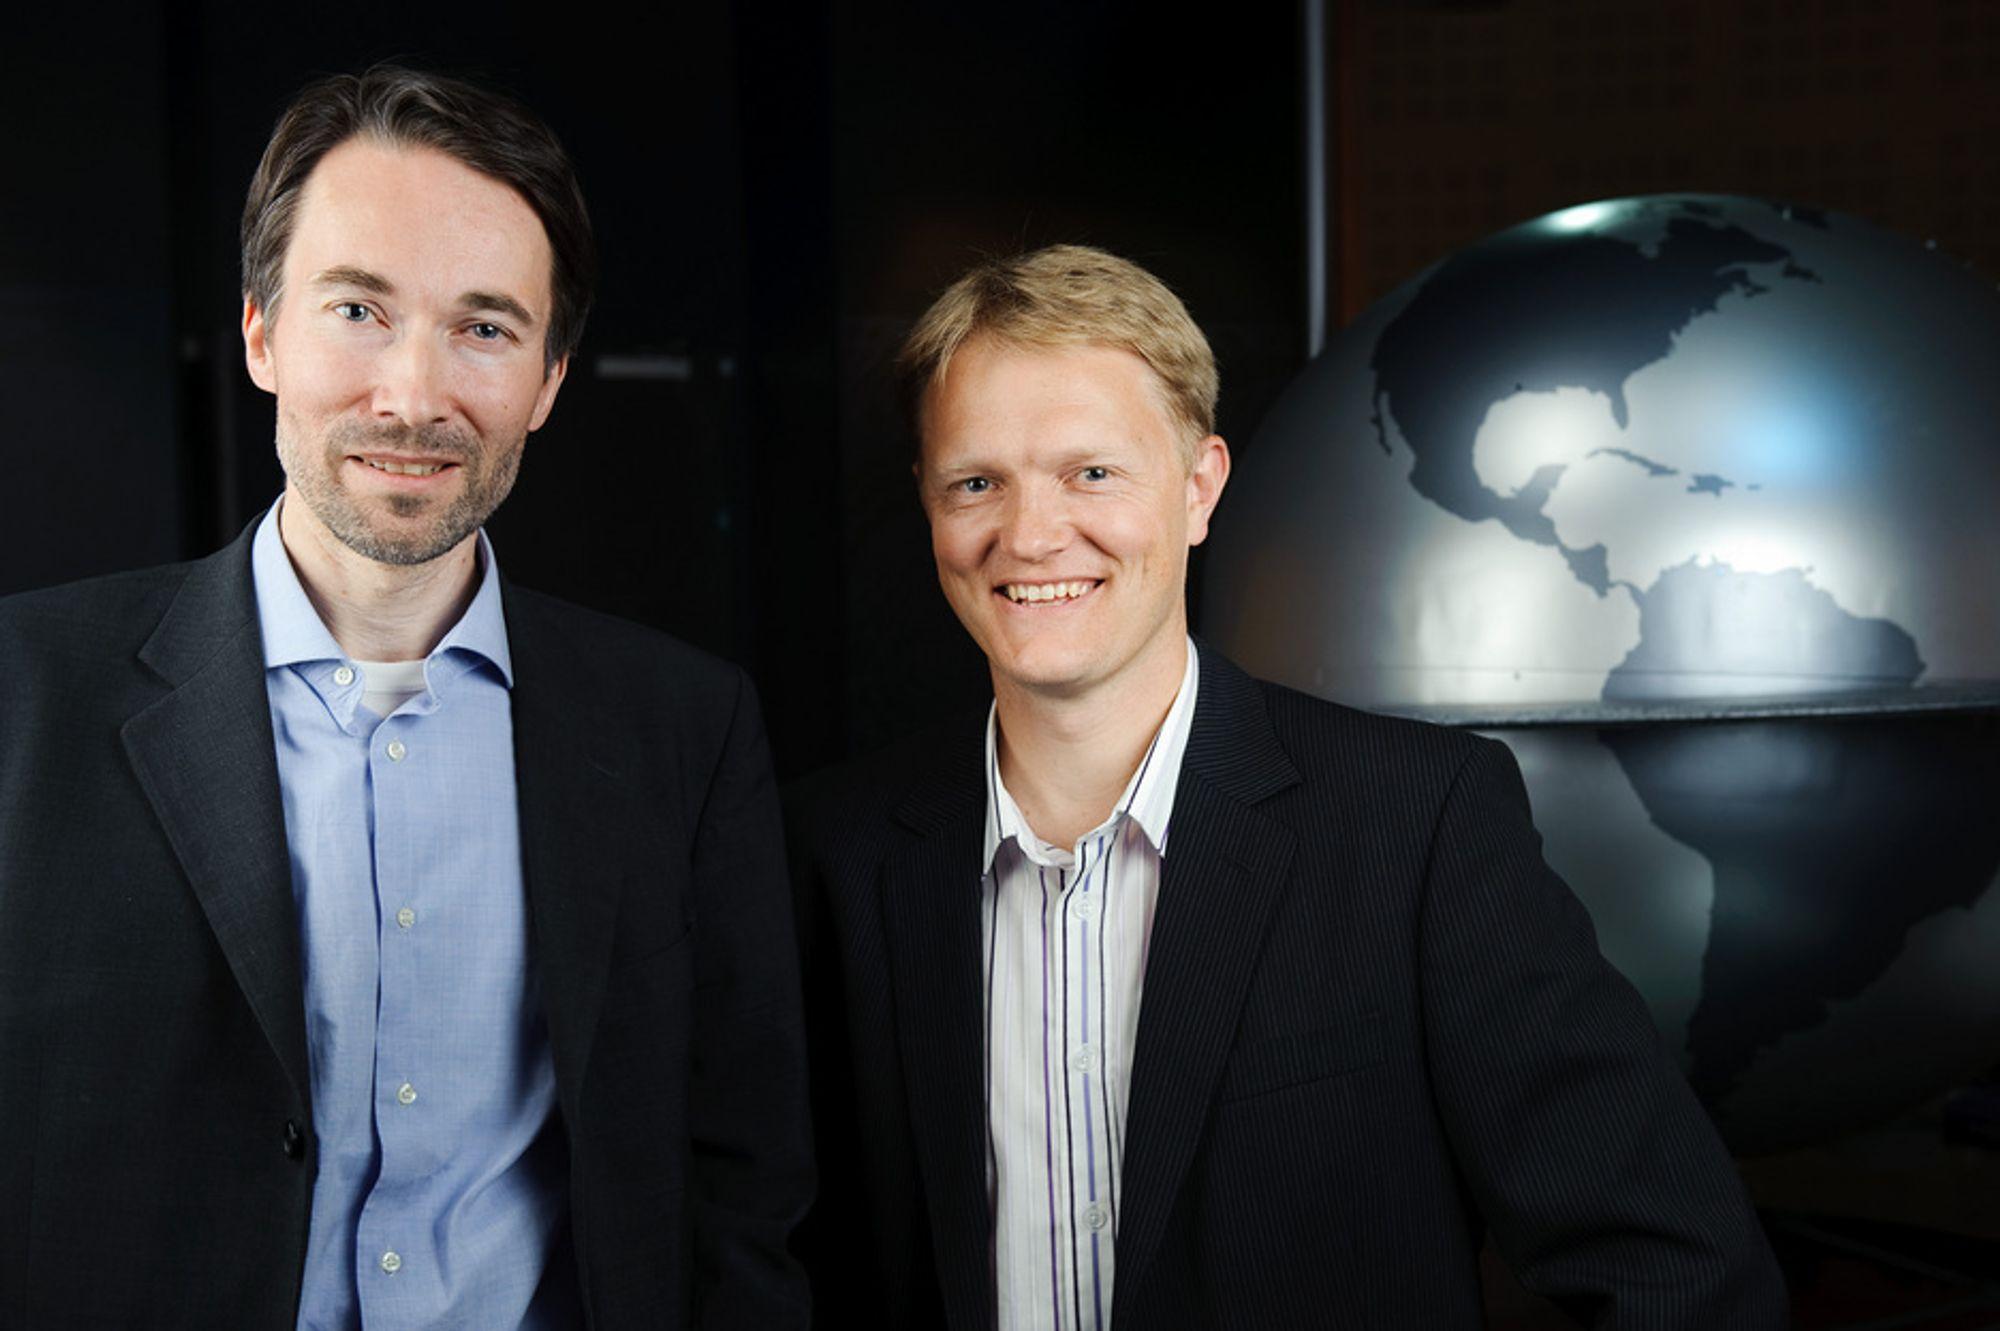 Brage W. Johansen i StatoilHydro og Bjørn Elseth ved Norsk Romsenter skal samarbeide - ettersom oljeleting og romfart har mye til felles.